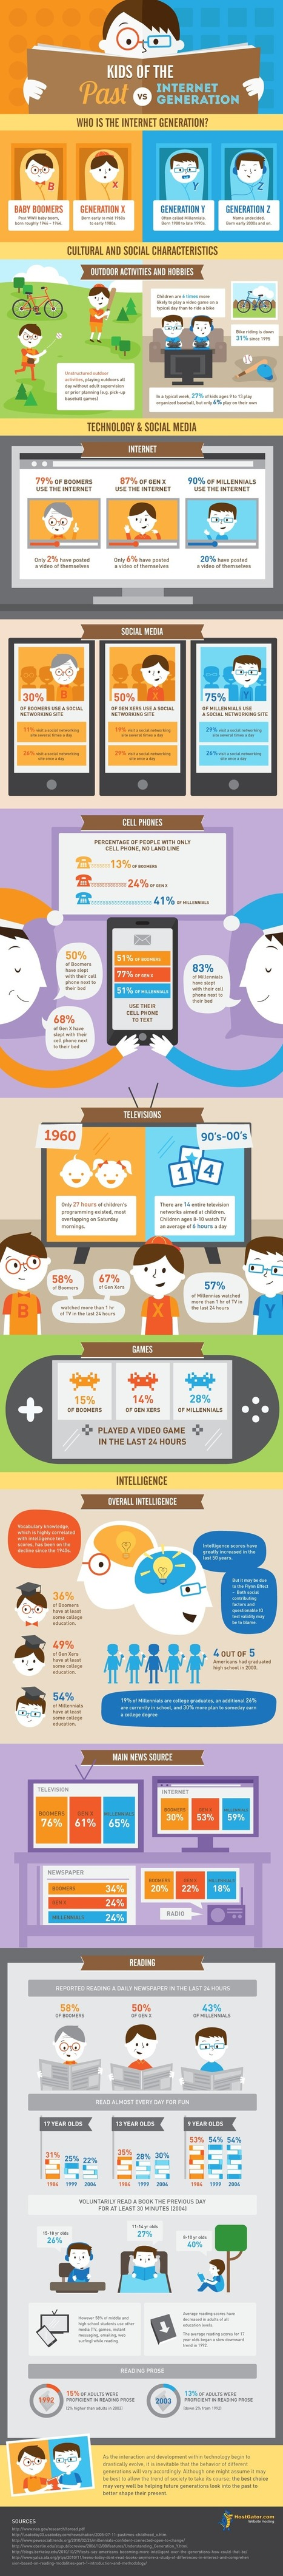 Niños de antes vs niños internautas | Los niños e internet | Scoop.it